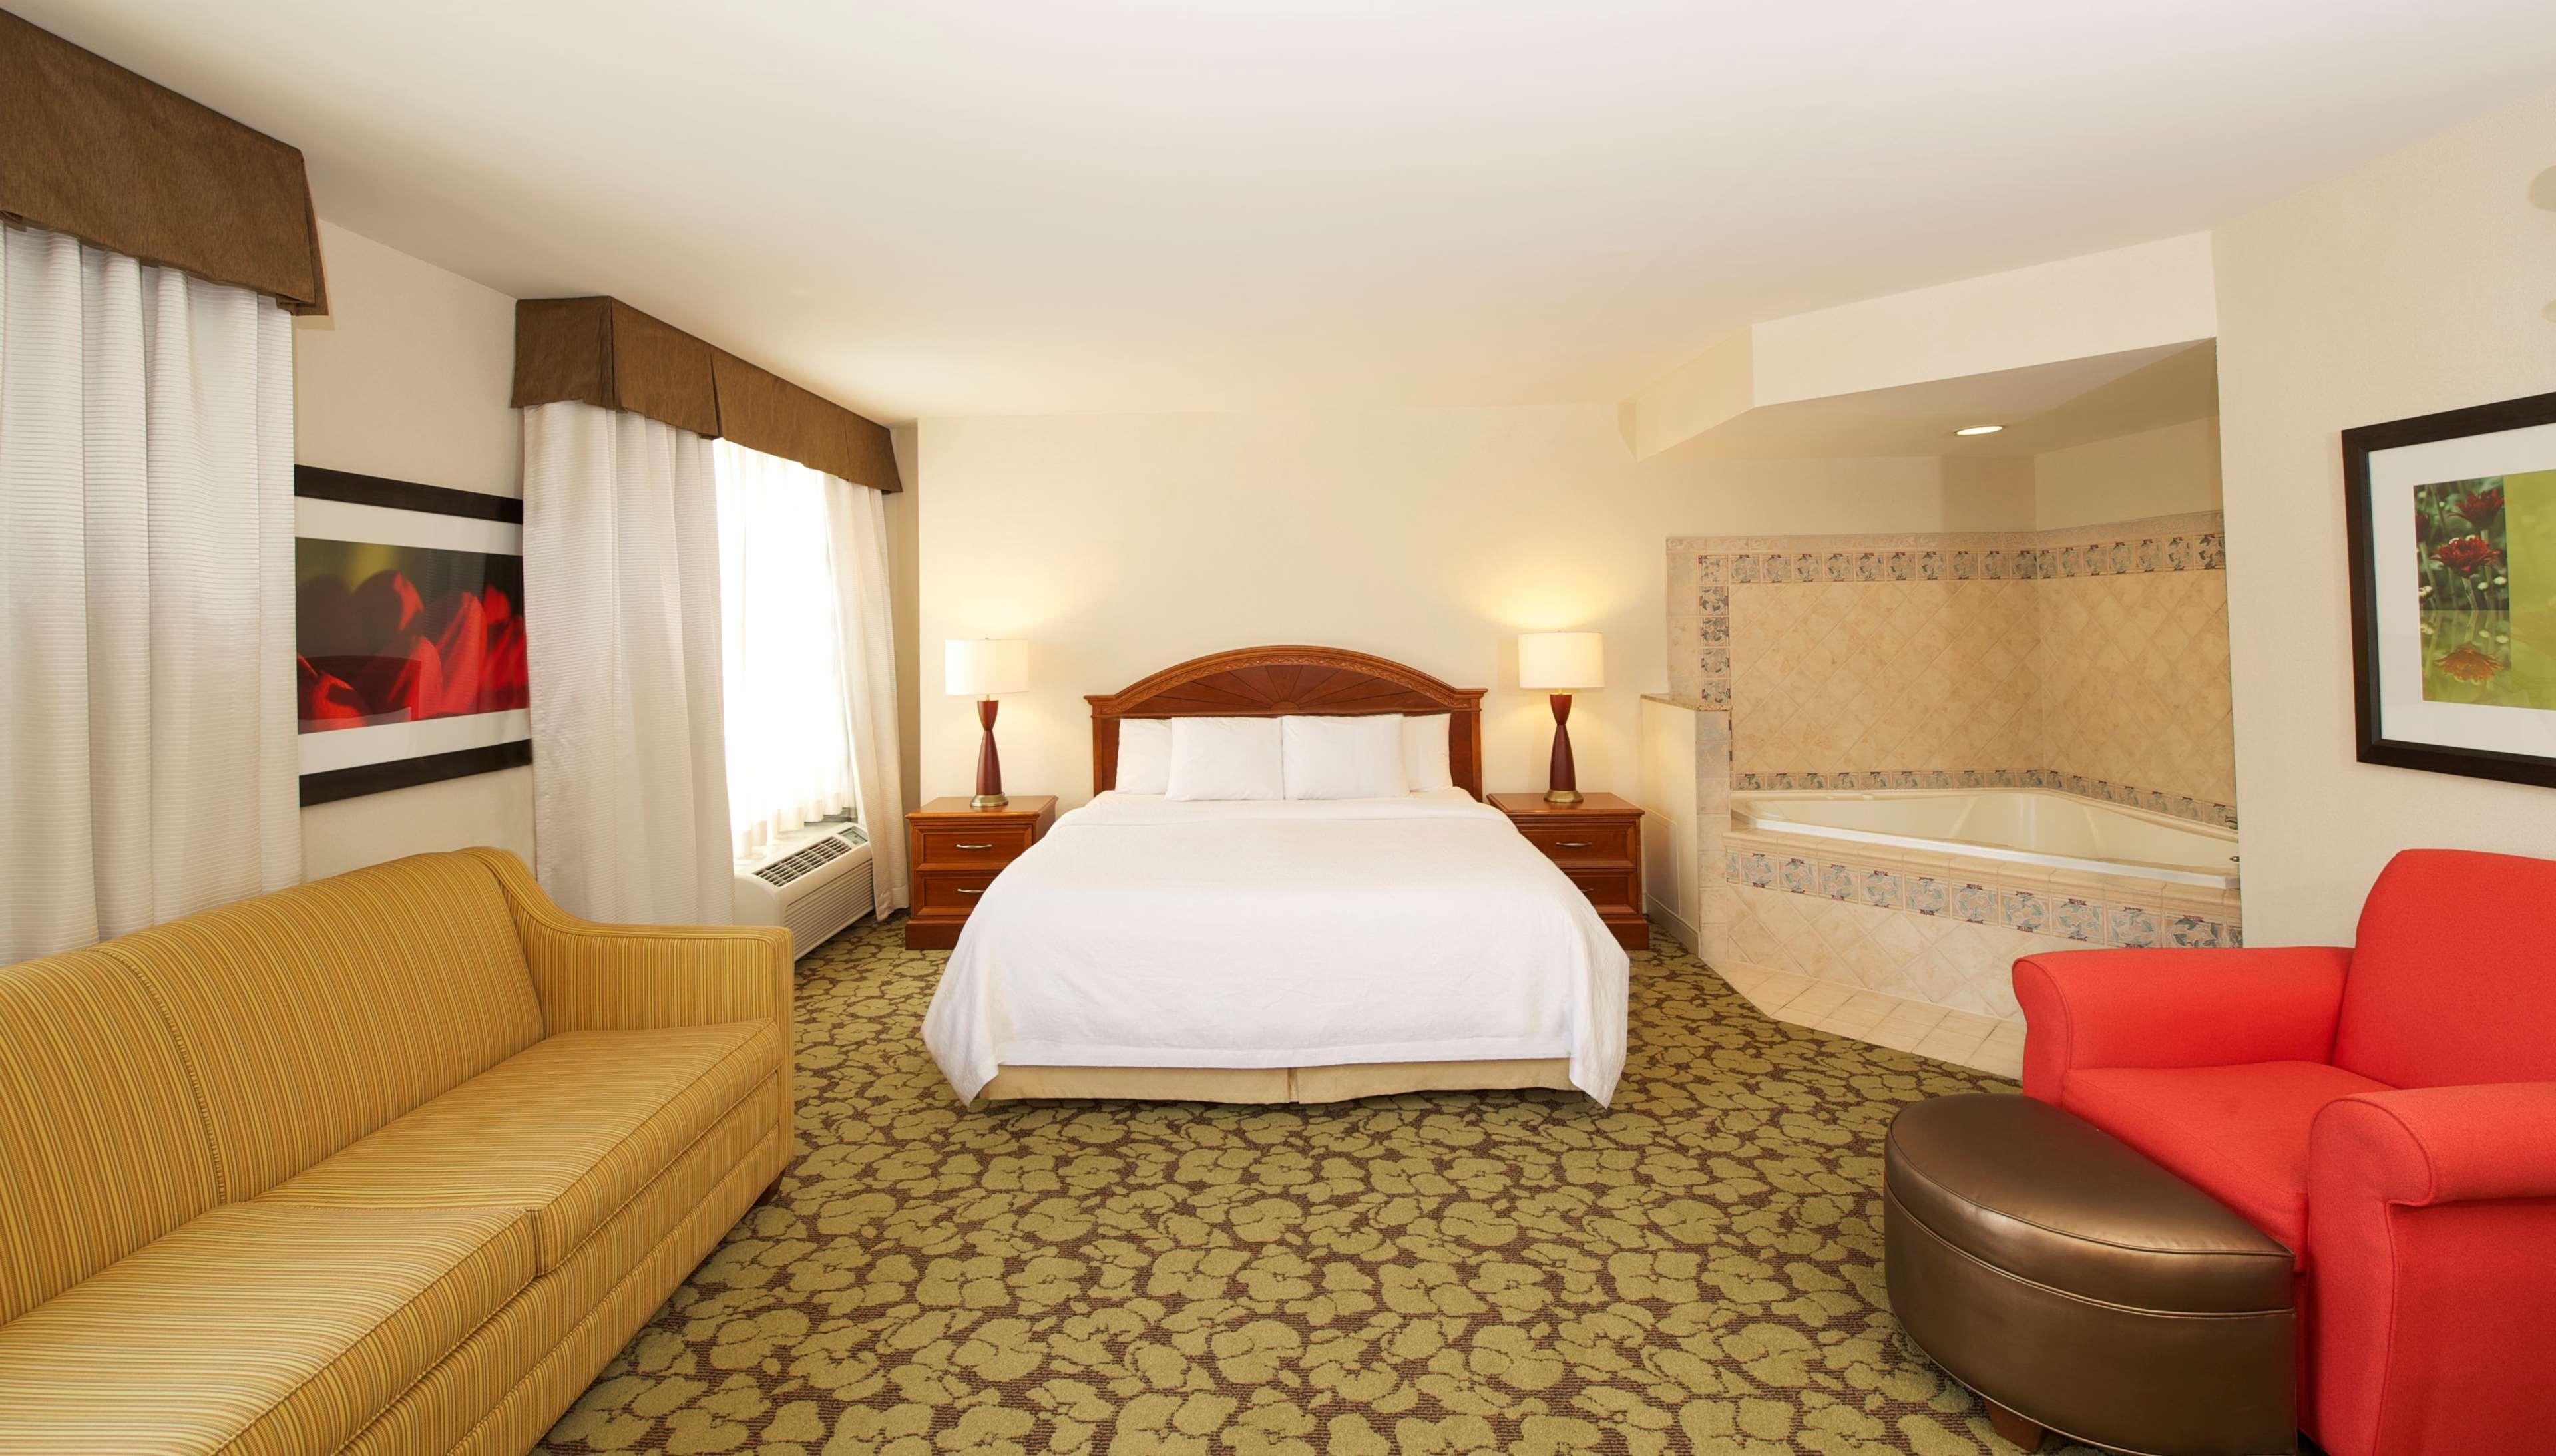 Hilton Garden Inn Virginia Beach Town Center image 8